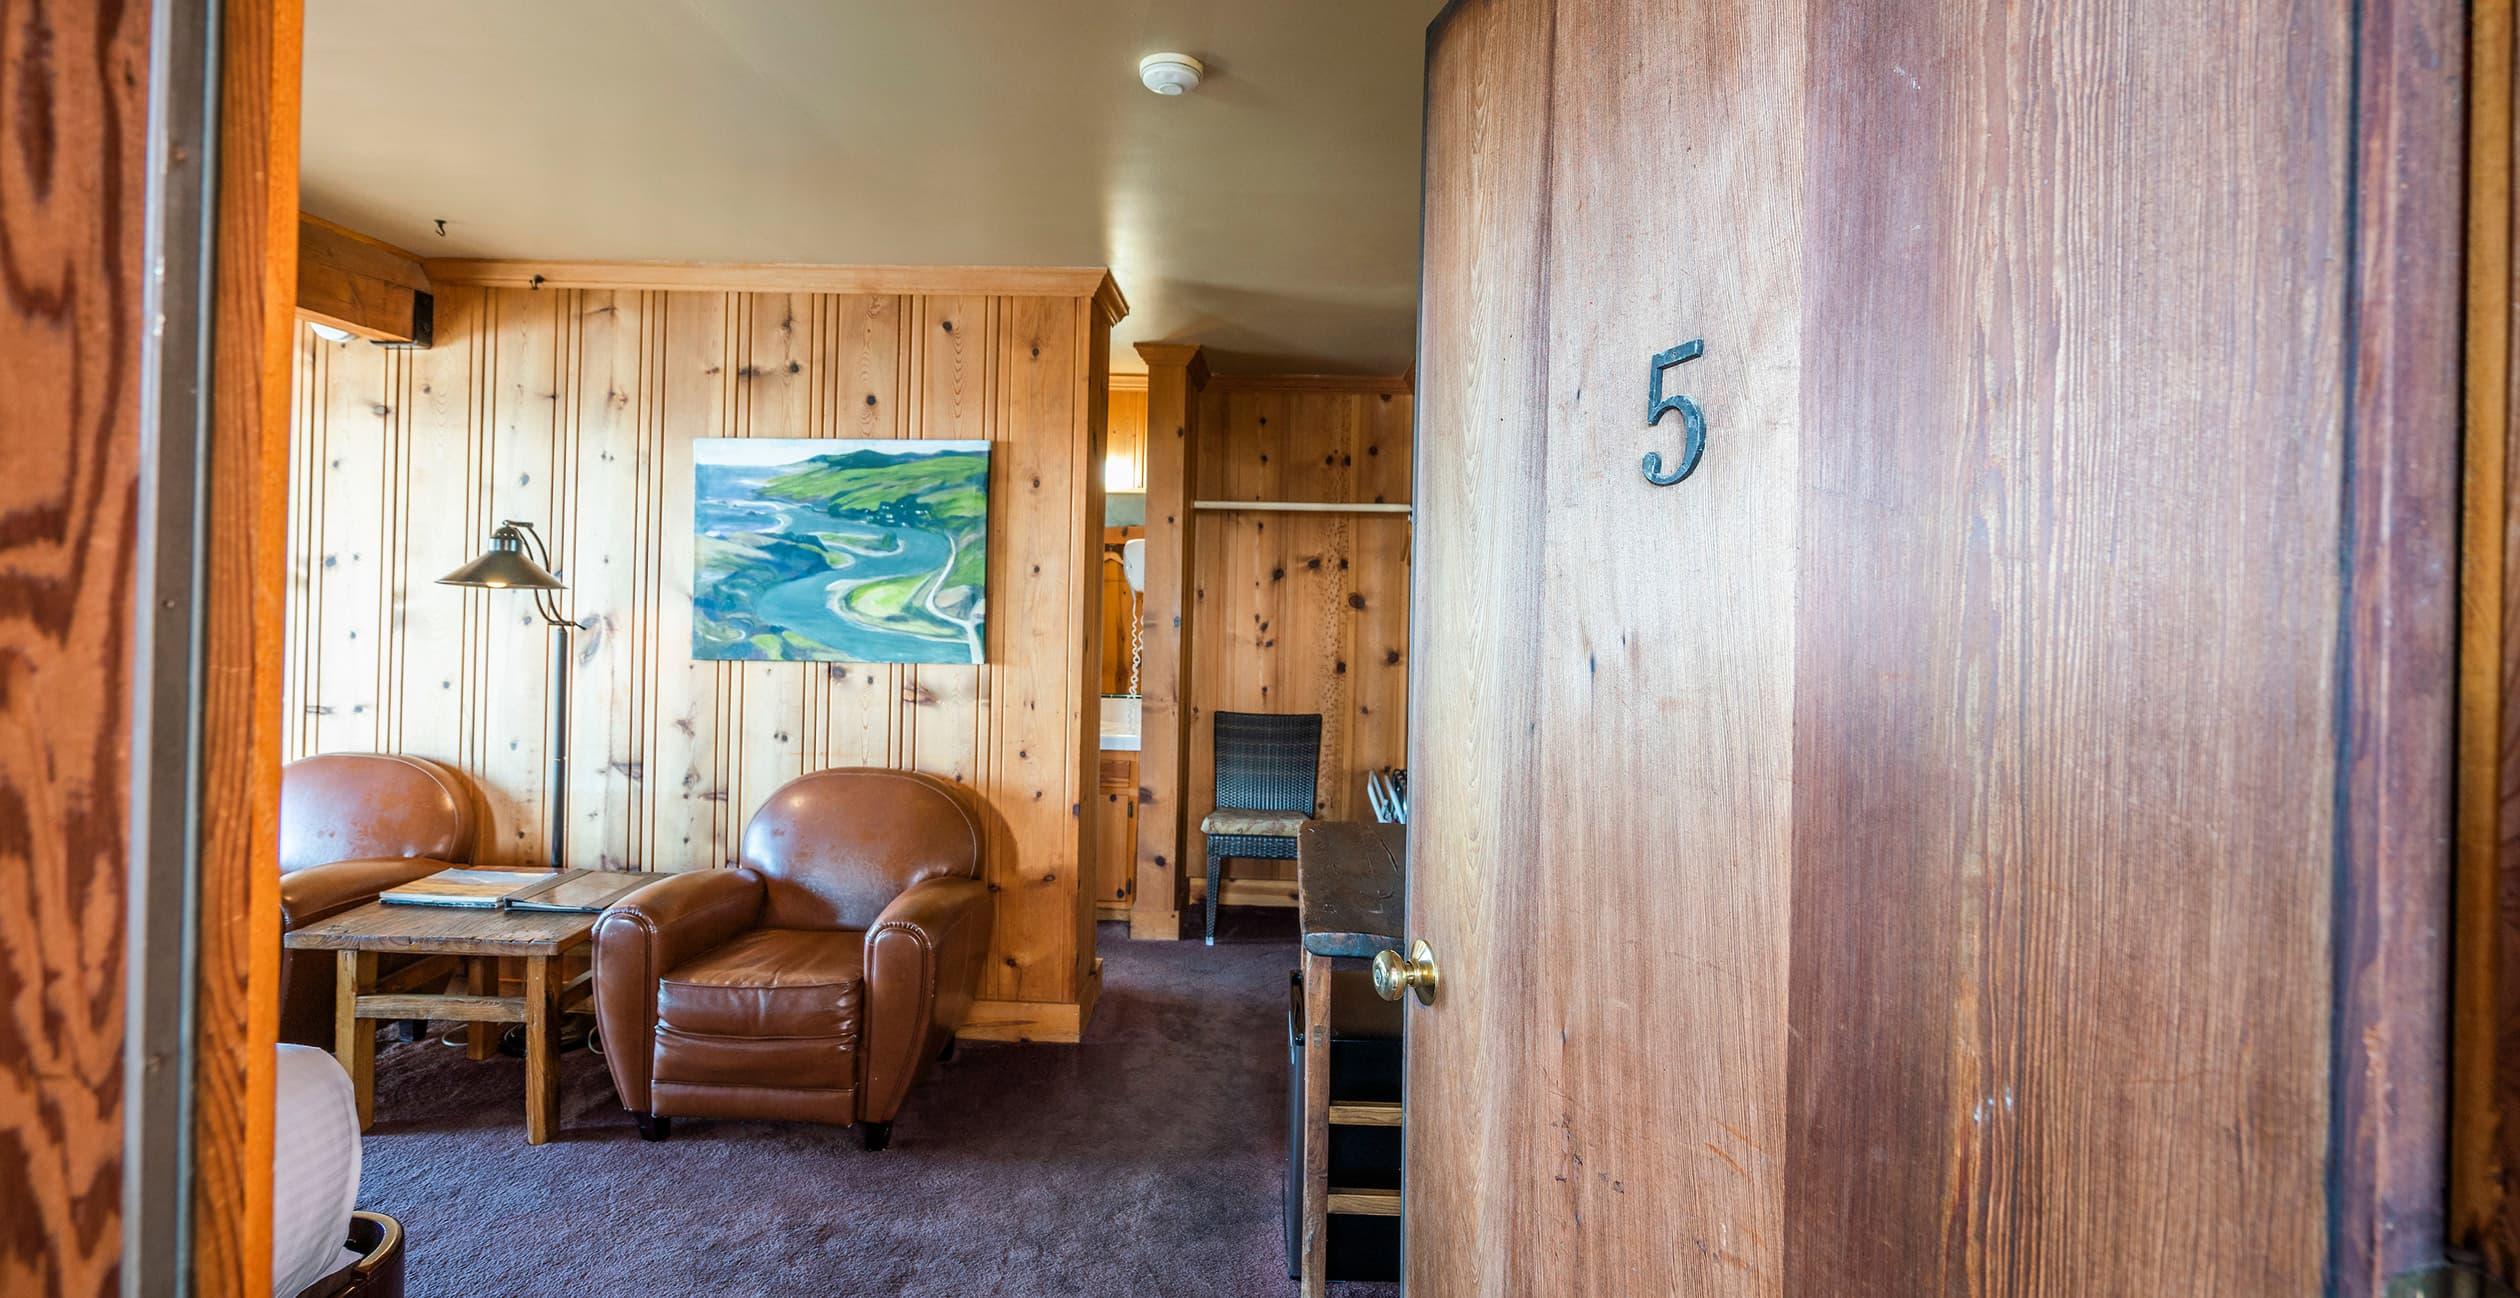 Room 5 doorway